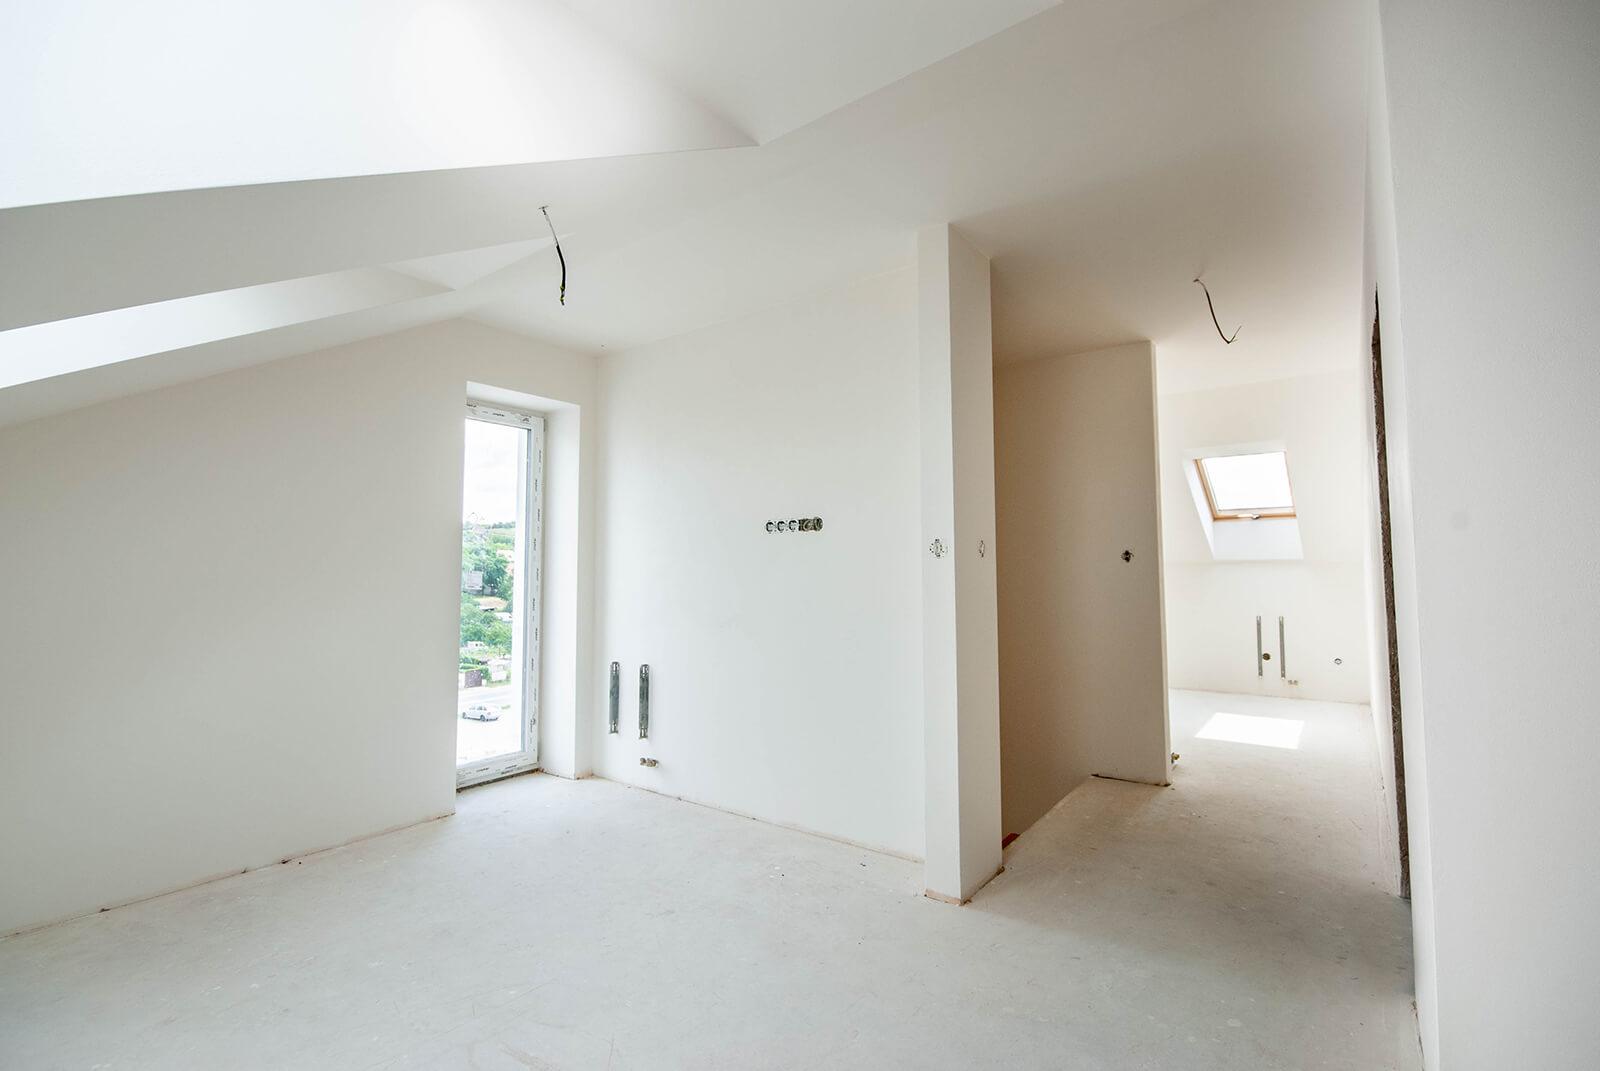 Novostavba mezonetového bytu č. 12 o velikosti 1+1 s úložným prostorem, Hustopeče